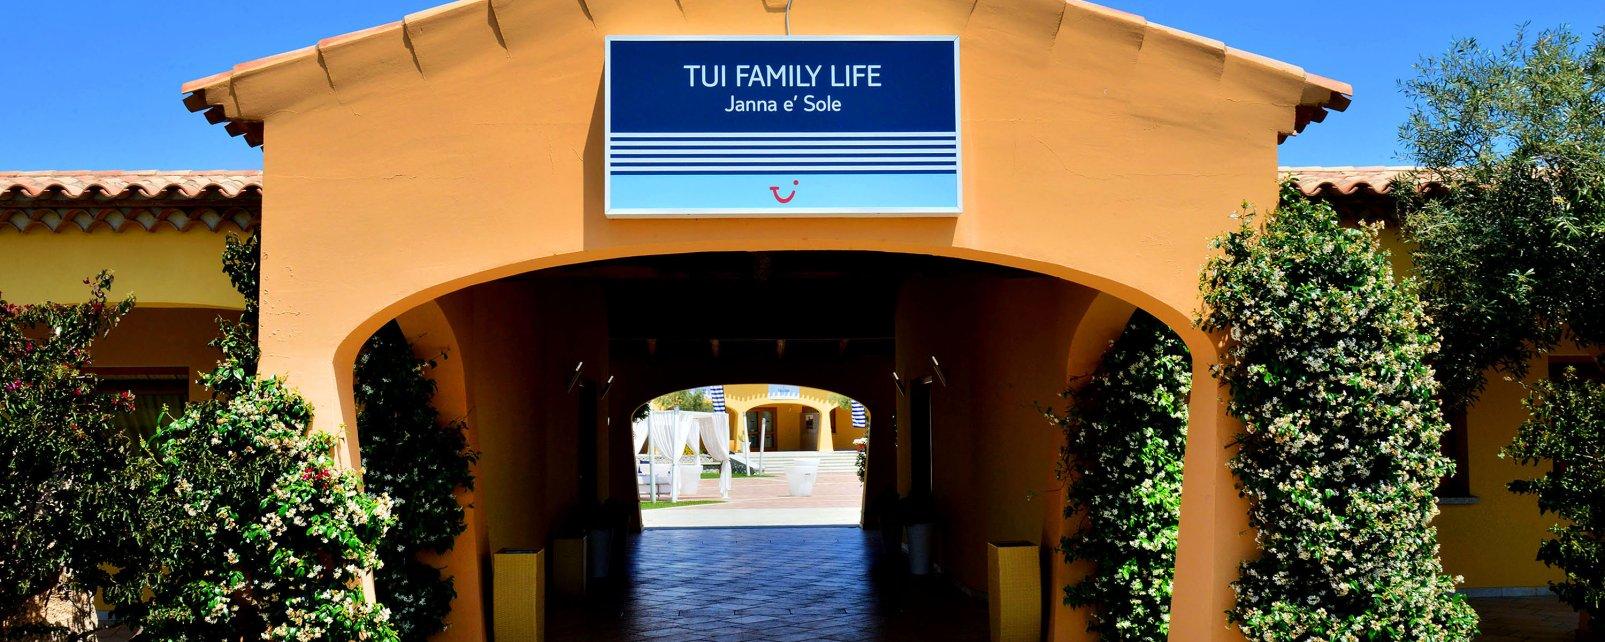 TUI Family Life Janna e Sole